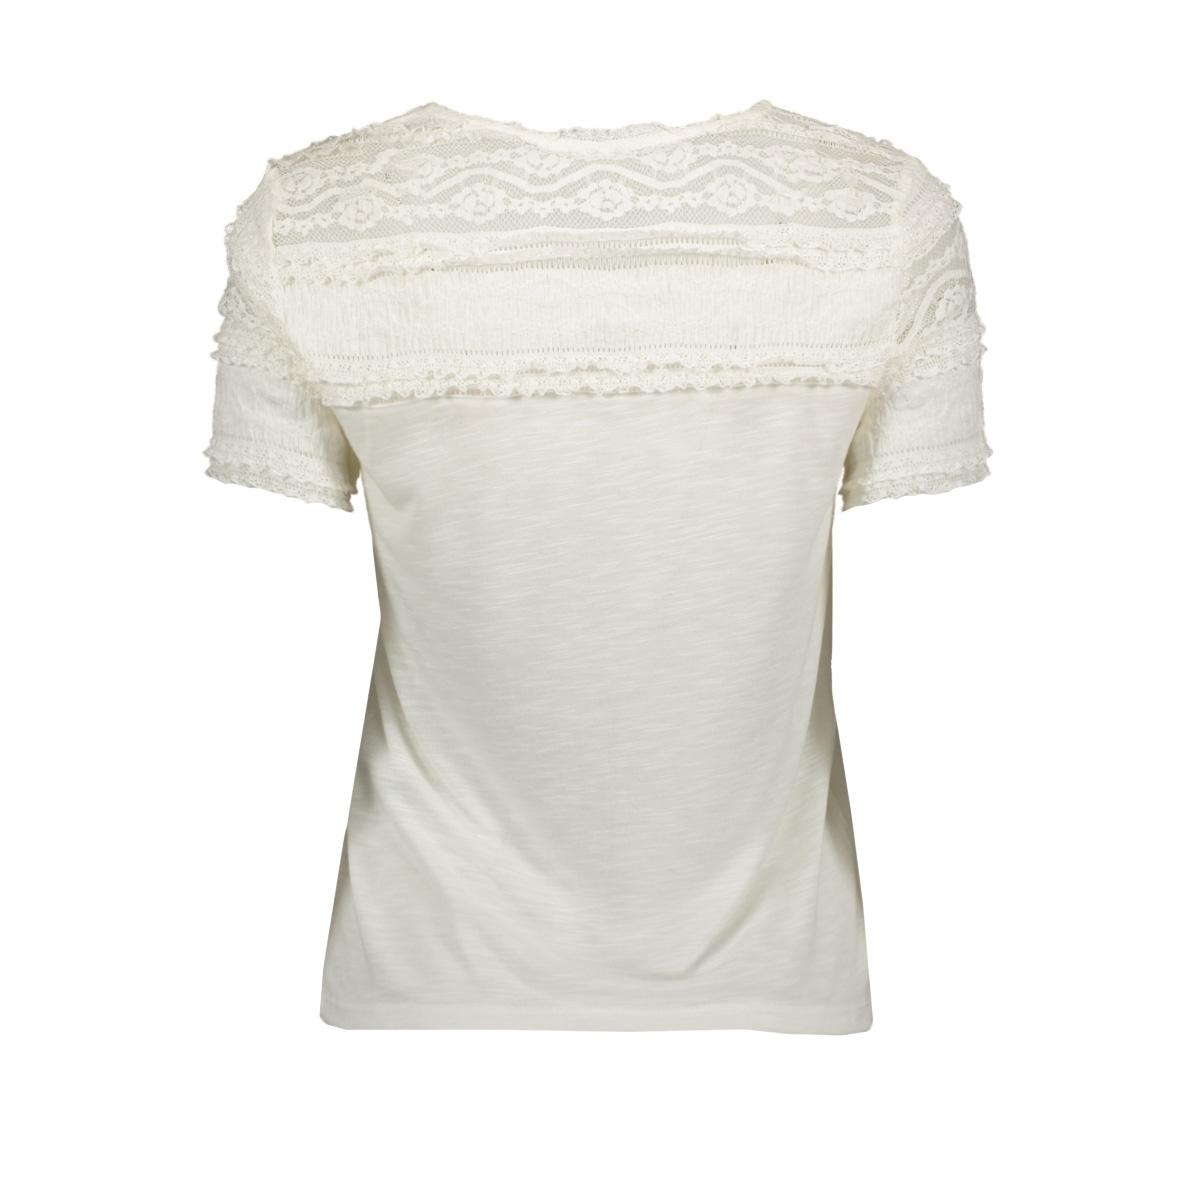 onlmarjorie s/s mix top jrs 15202090 only t-shirt cloud dancer